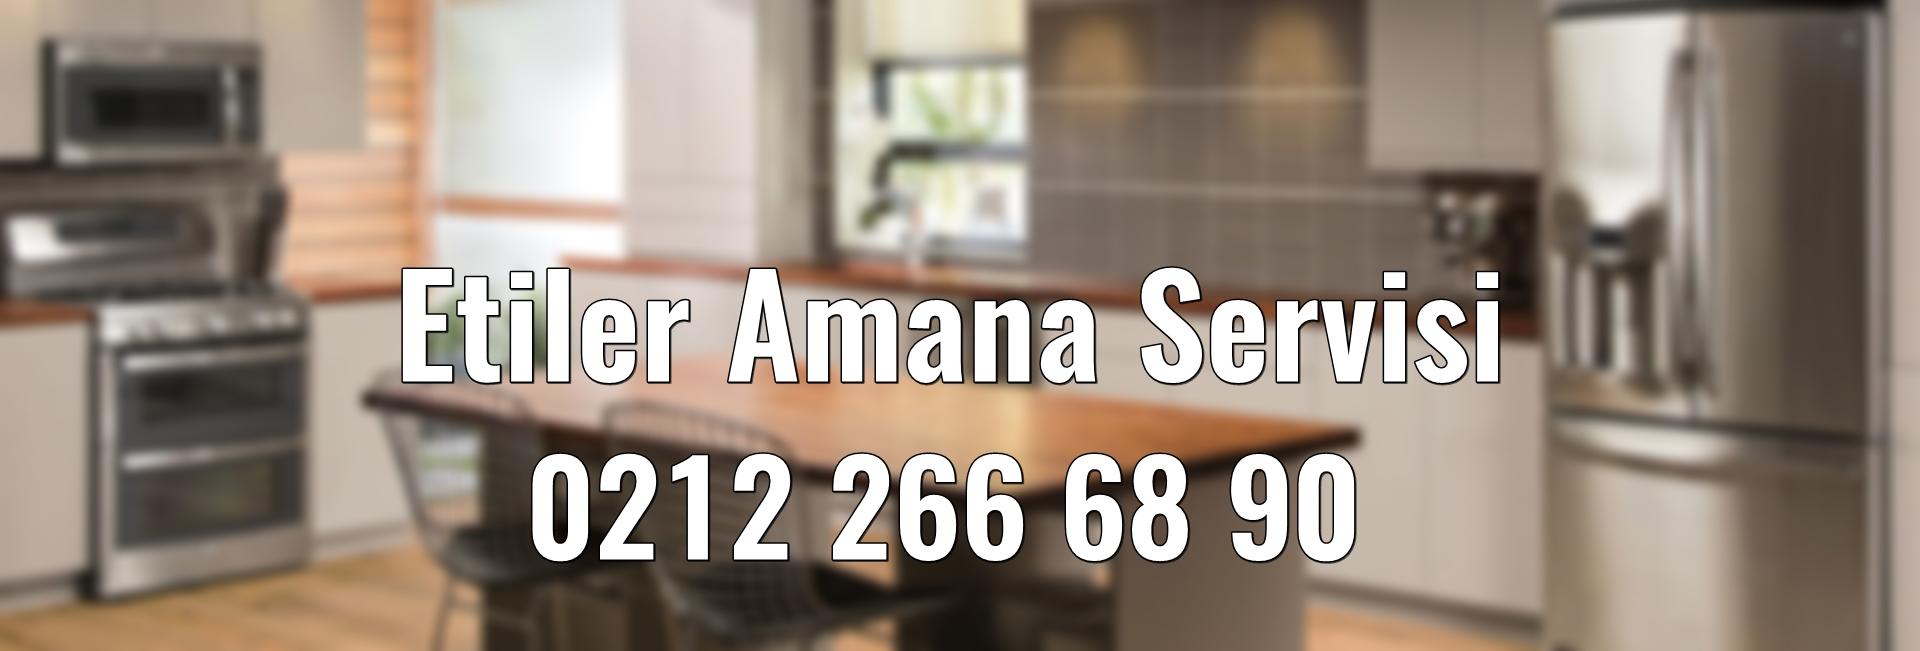 Etiler Amana Servisi